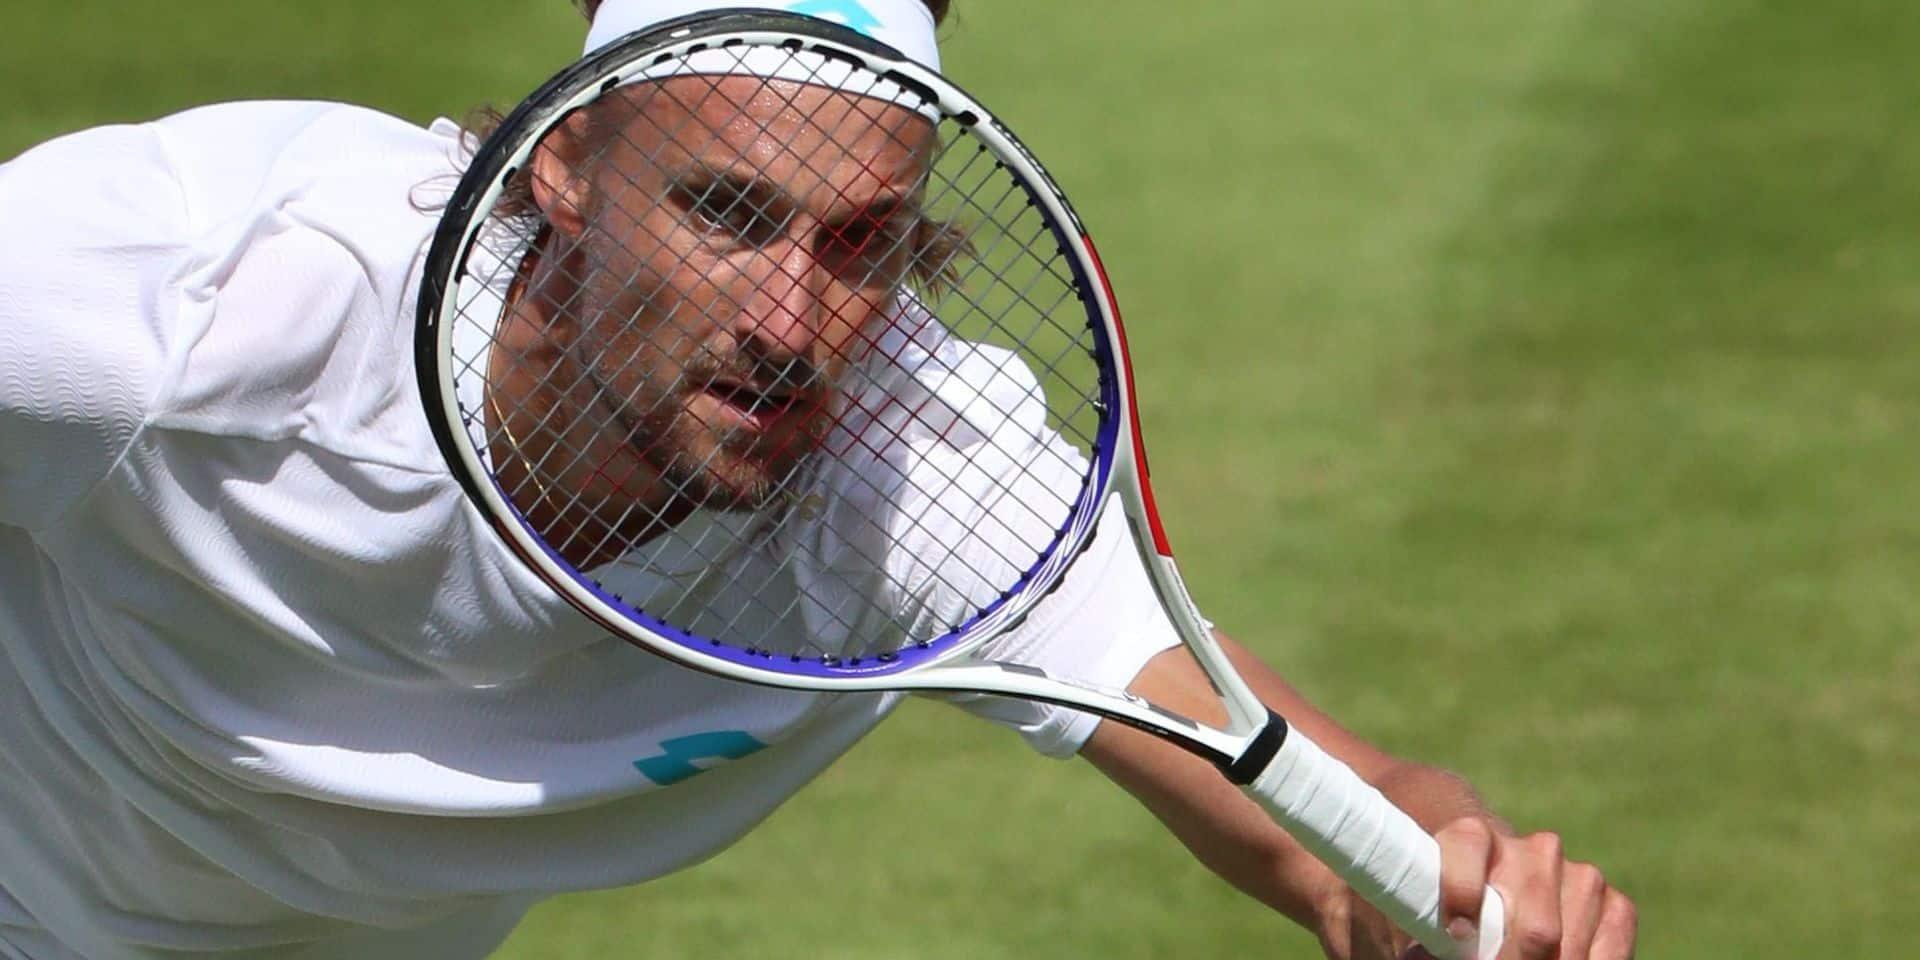 """Bemelmans éliminé, il n'y aura aucun compatriote à Wimbledon: """"Le tennis belge n'est pas si génial que ça"""""""